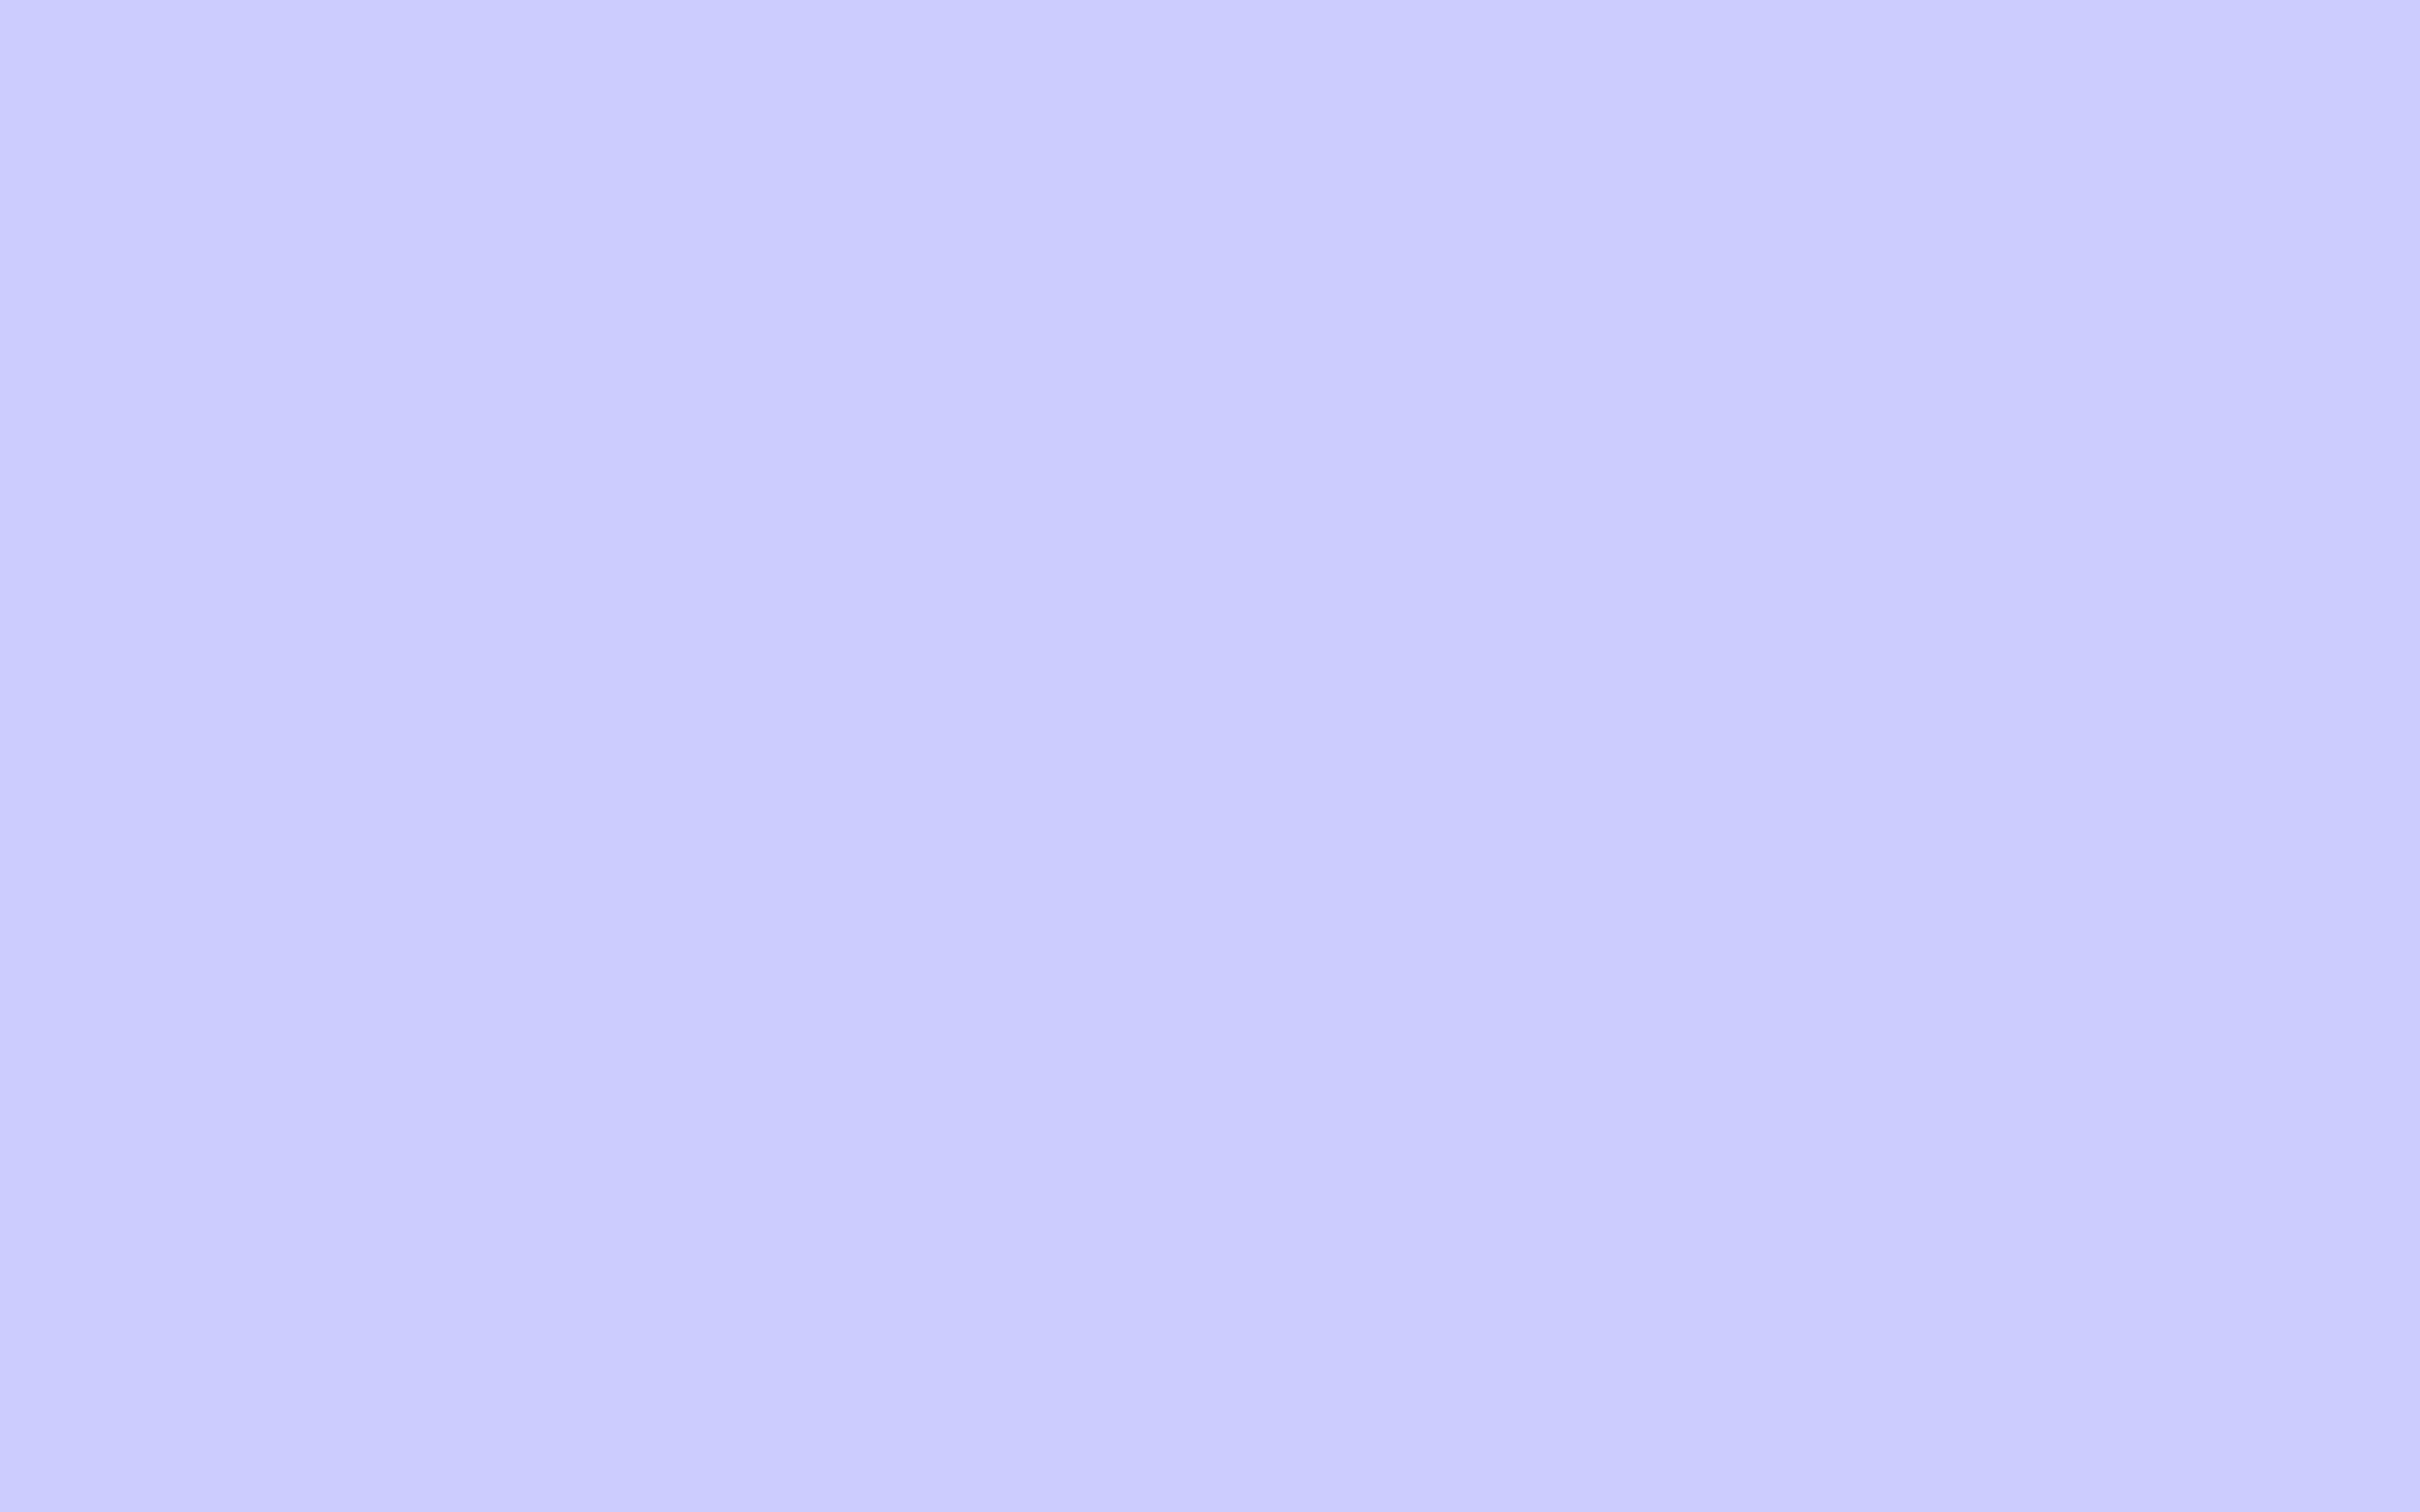 2560x1600 Lavender Blue Solid Color Background